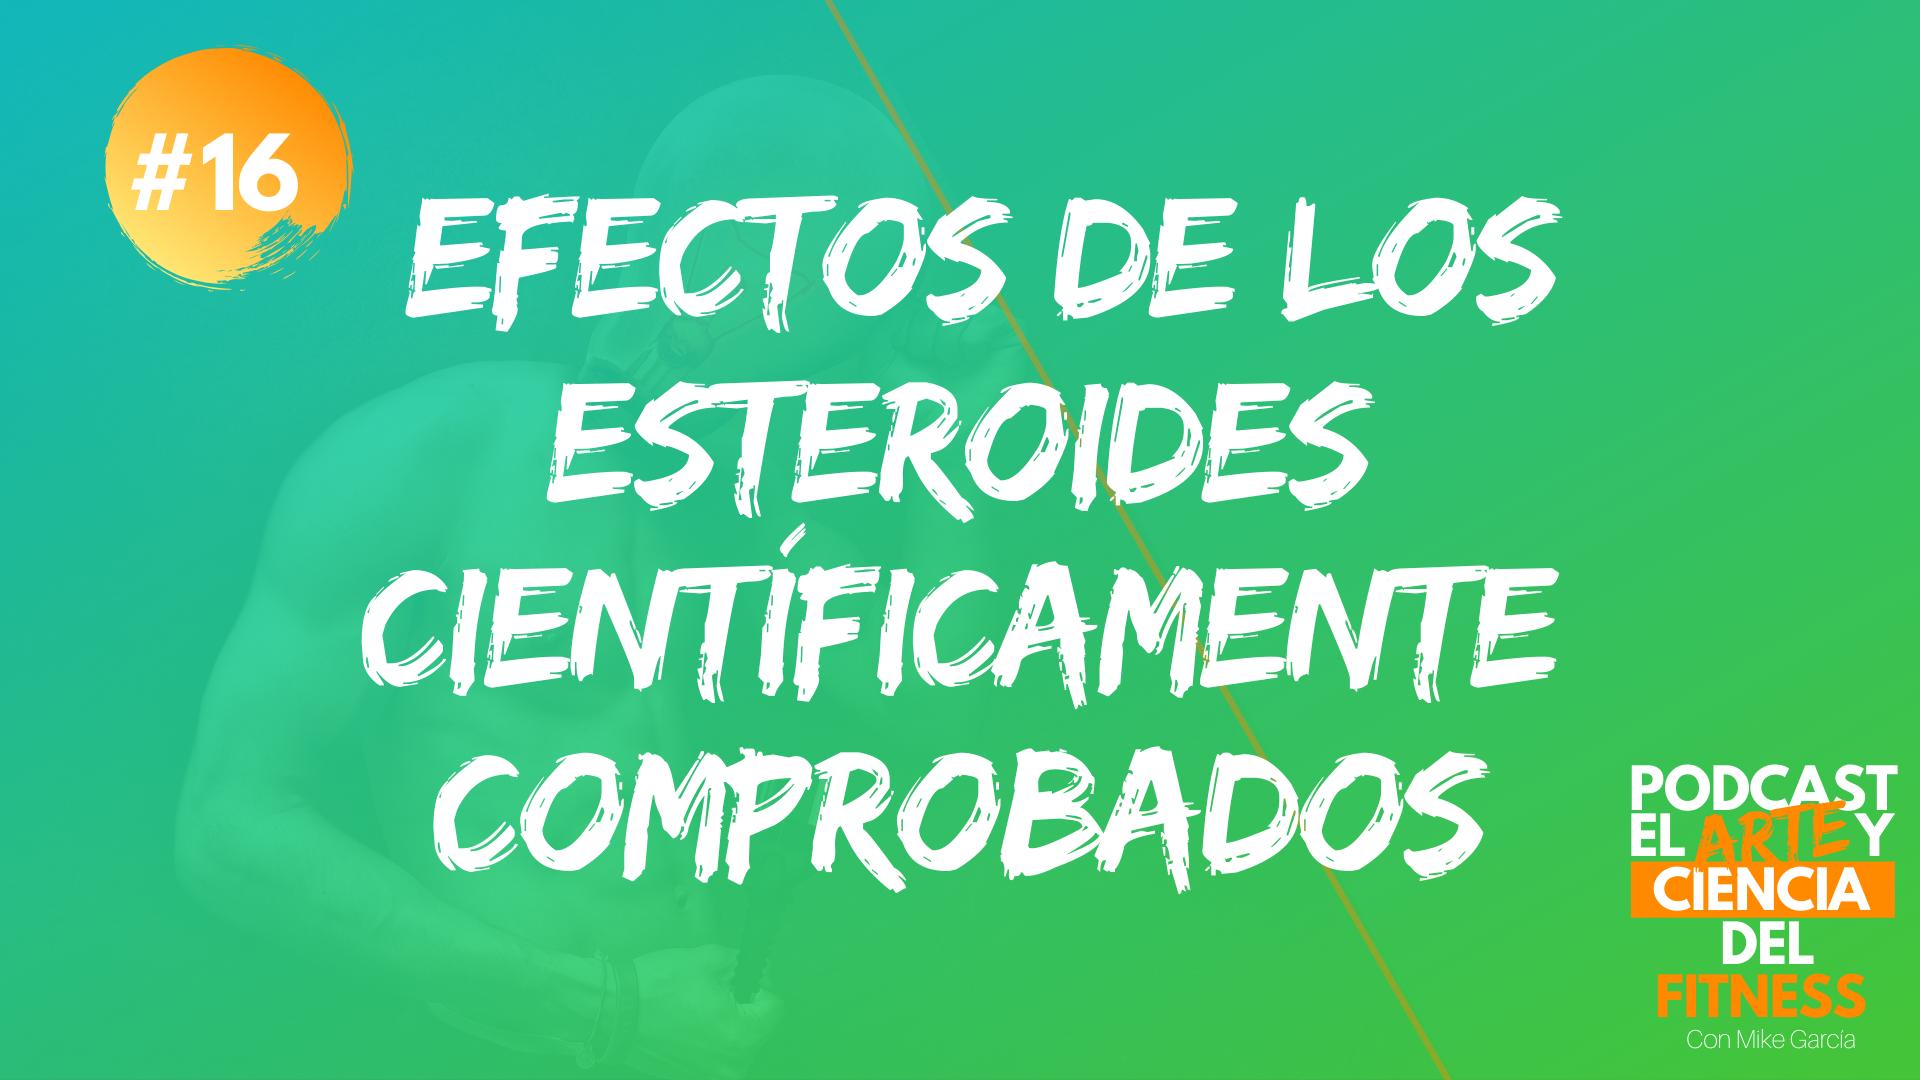 Podcast #16: Efectos De Los Esteroides Científicamente Comprobados